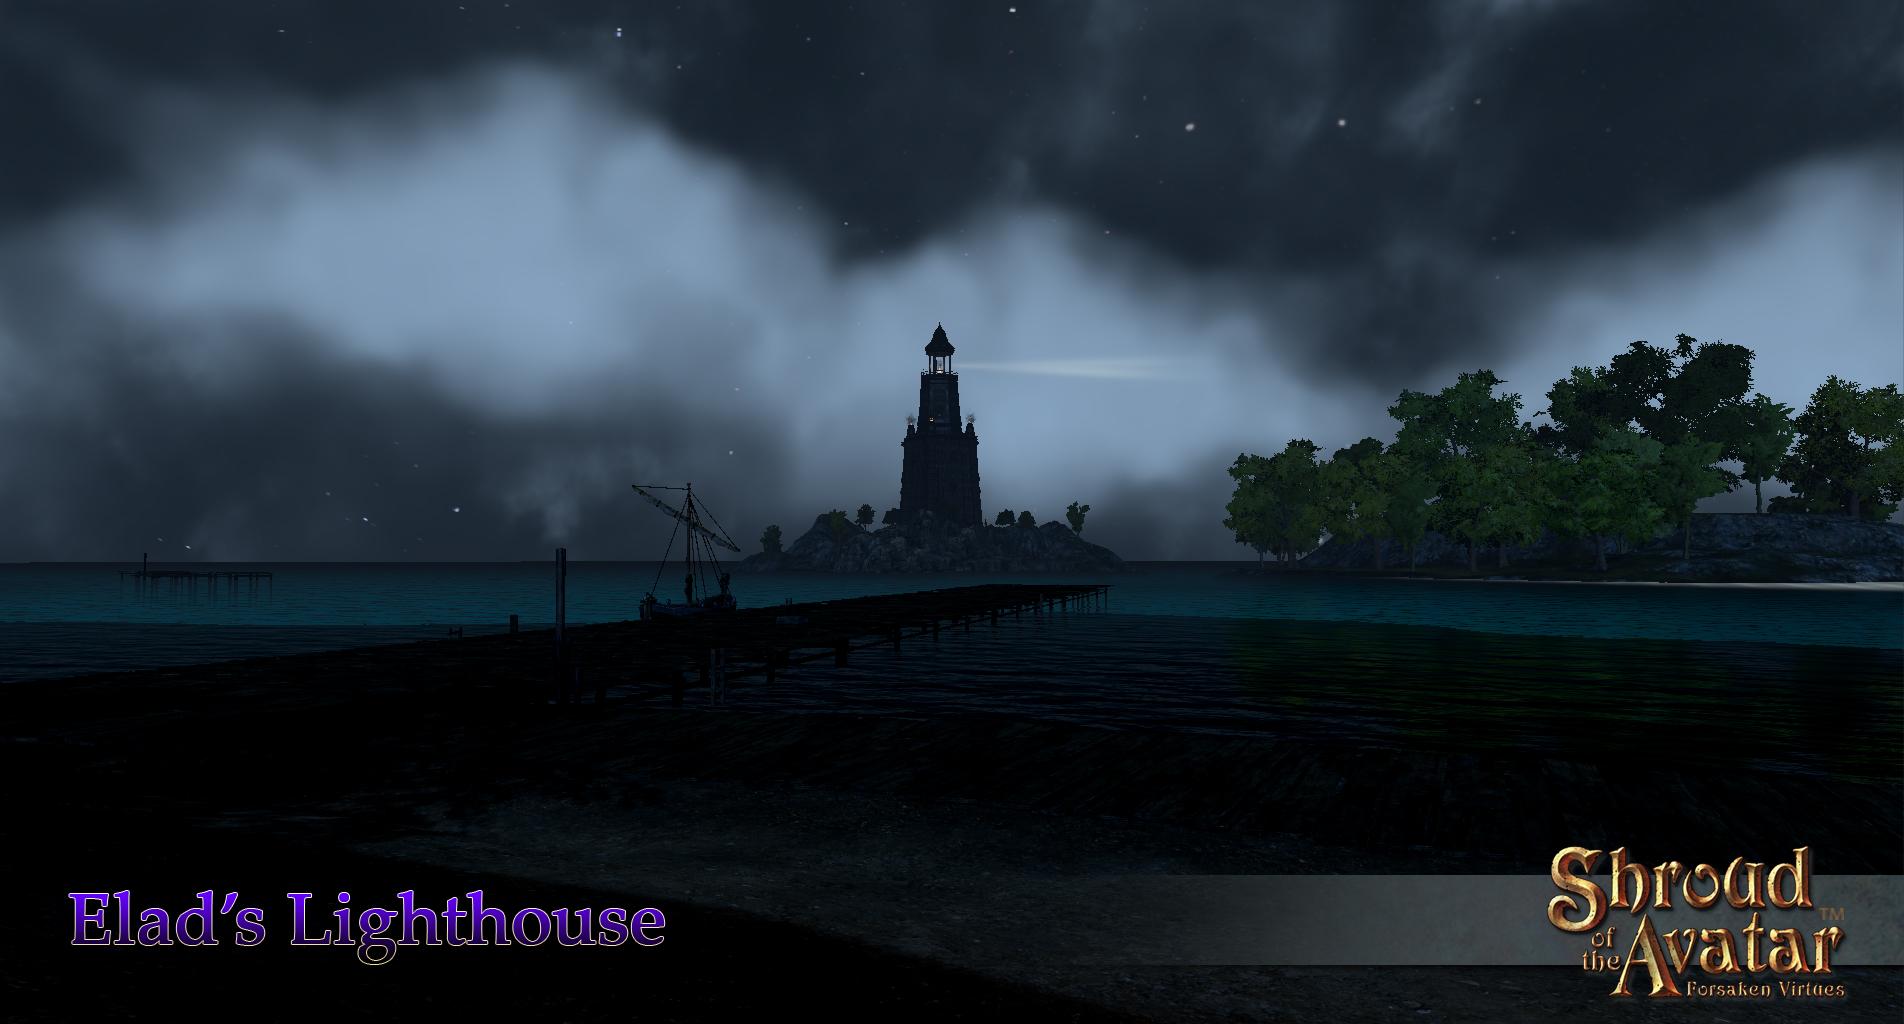 20160511-elads_lighthouse-night-extreme